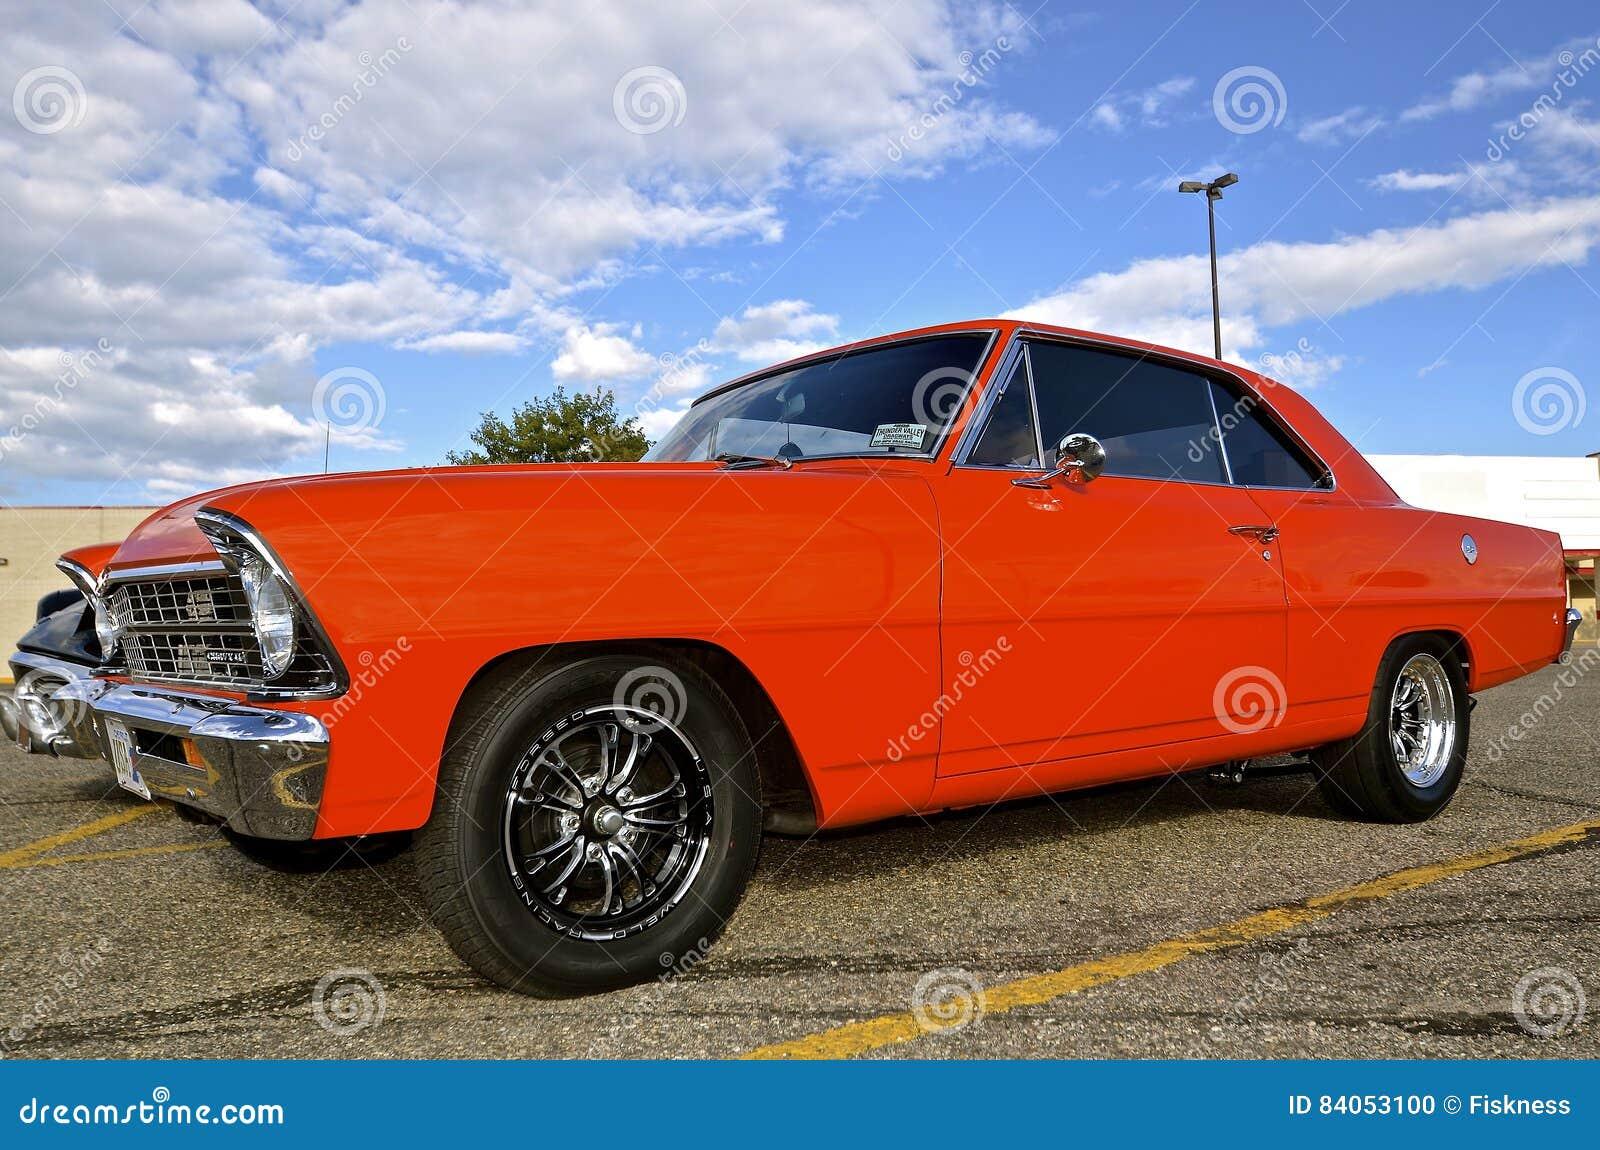 Classic Chevy Nova At Car Show Editorial Image Image Of Auto - Sd car show